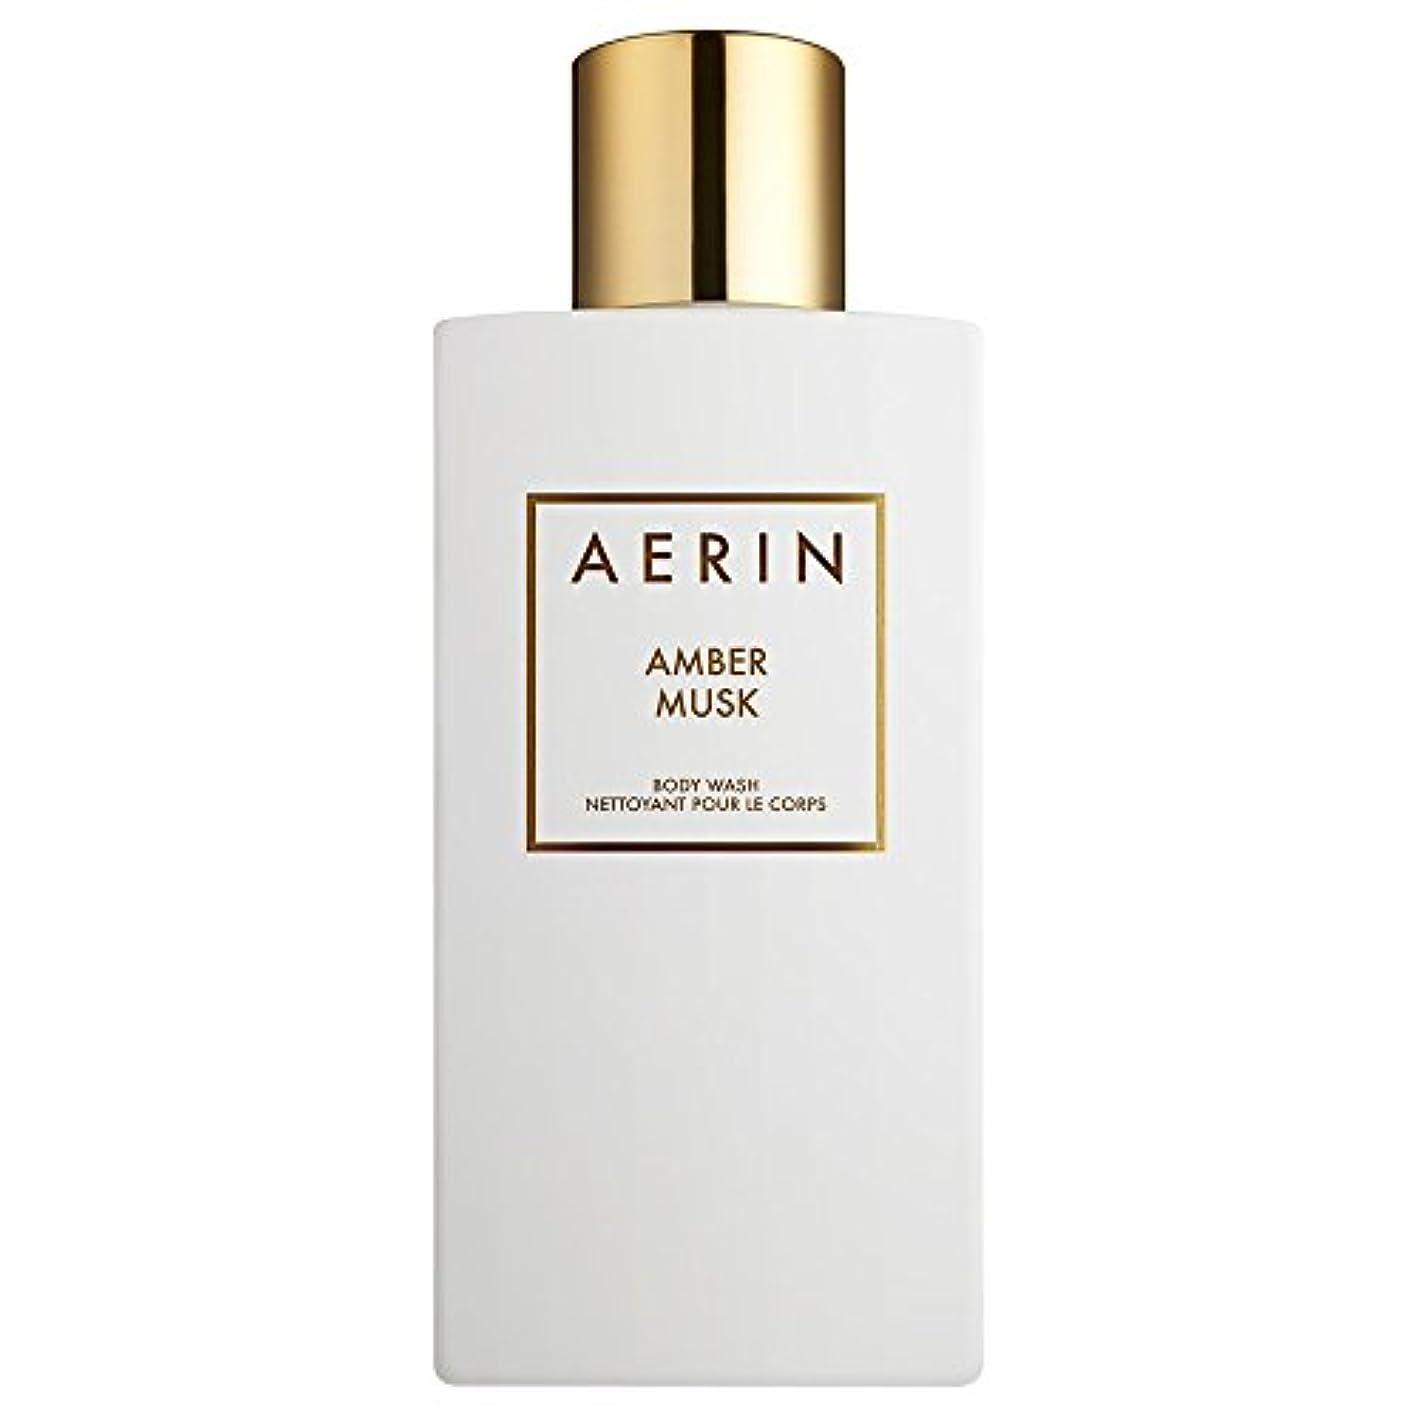 煙透けて見えるフルーティーAerinアンバームスクボディウォッシュ225ミリリットル (AERIN) (x6) - AERIN Amber Musk Bodywash 225ml (Pack of 6) [並行輸入品]